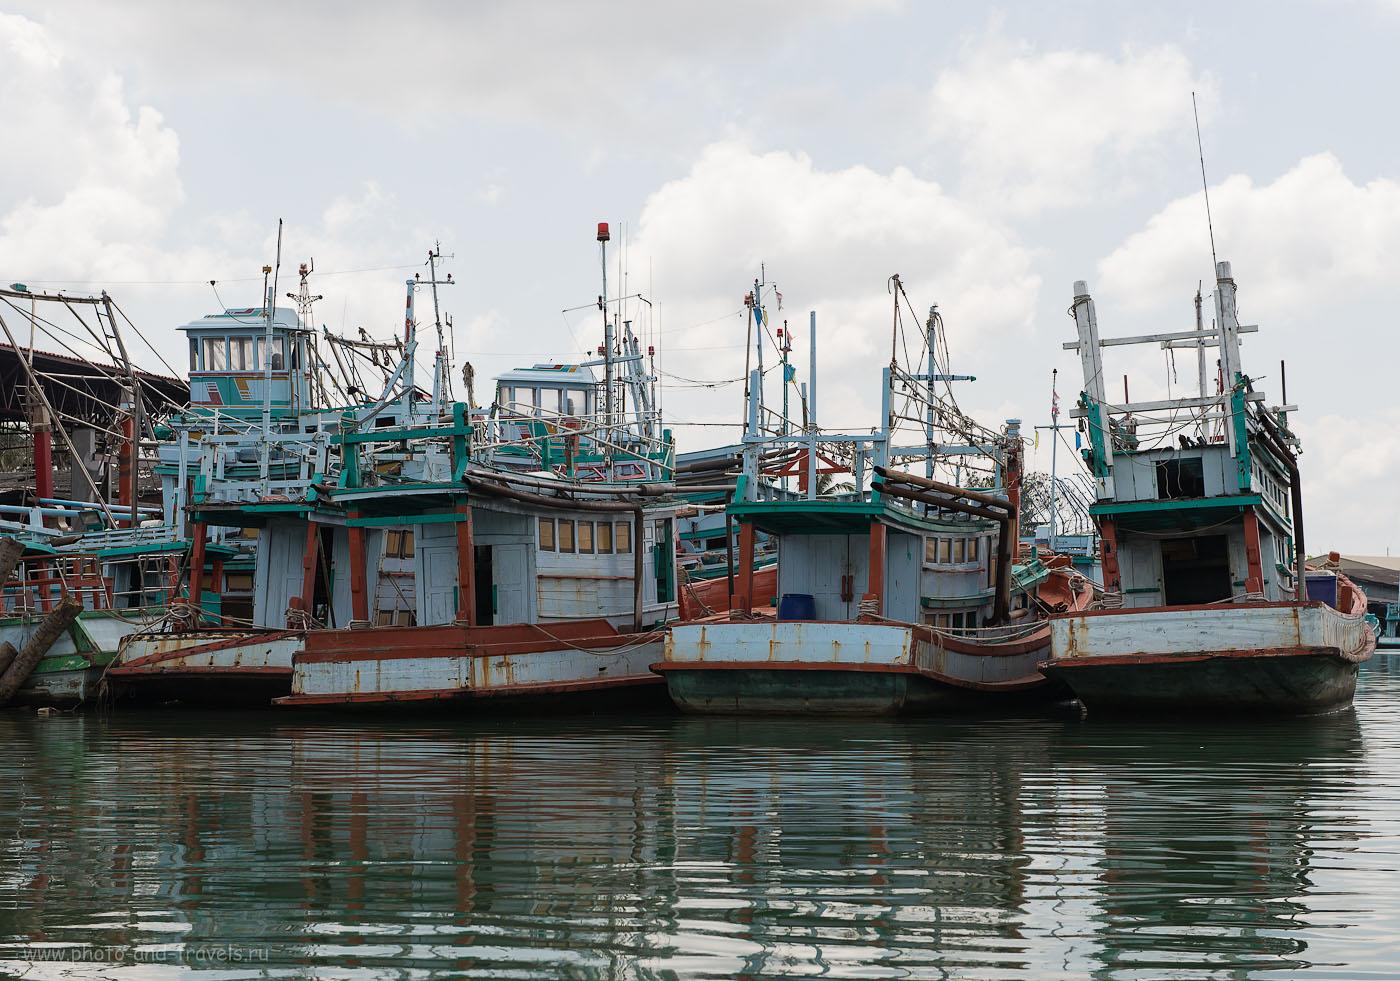 Фото 2. Самая интересная экскурсия за время путешествия по Таиланду на арендованной машине. Рыбацкий флот (320, 60, 8.0, 1/400). Окрестности города Чумпхон